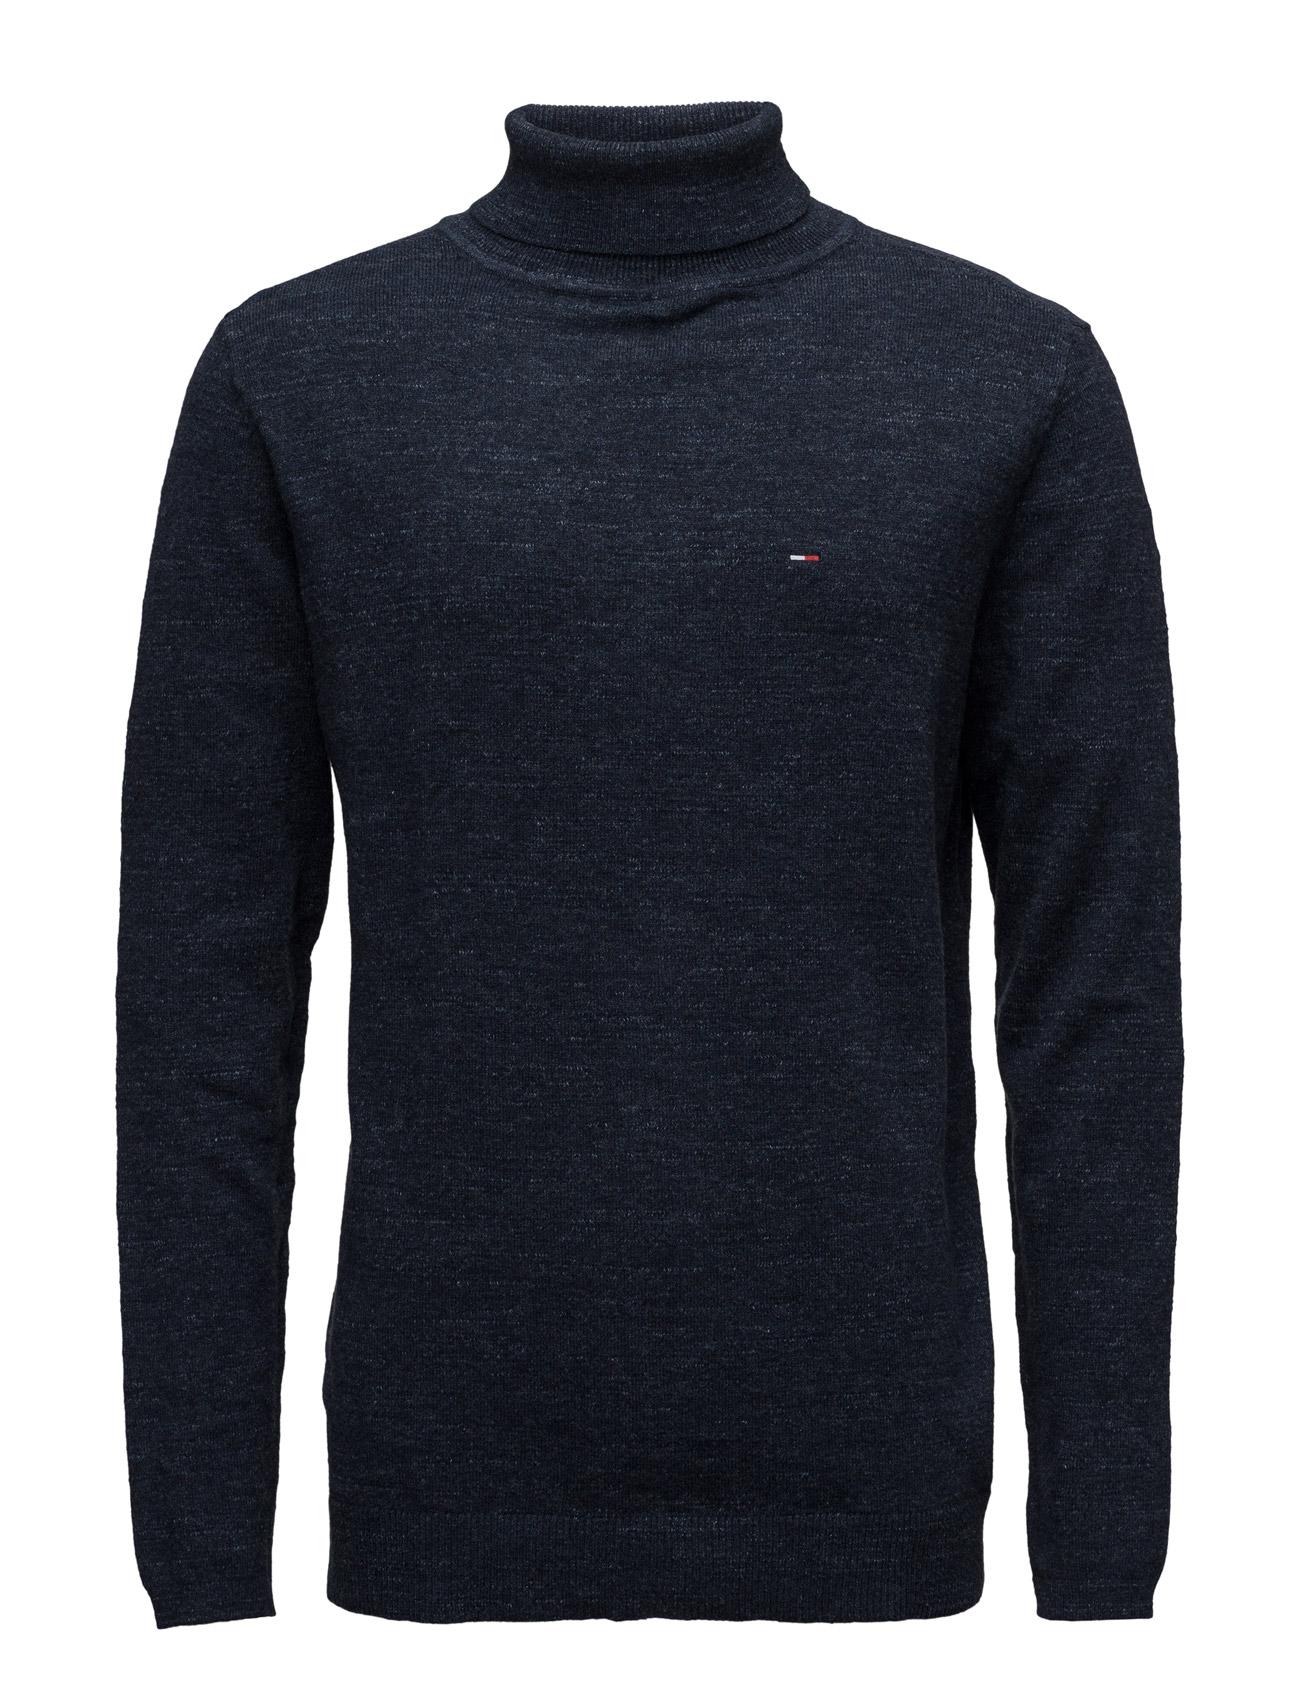 Thdm Basic Rn Sweater L/S 11 Hilfiger Denim Højhalsede til Mænd i Blå